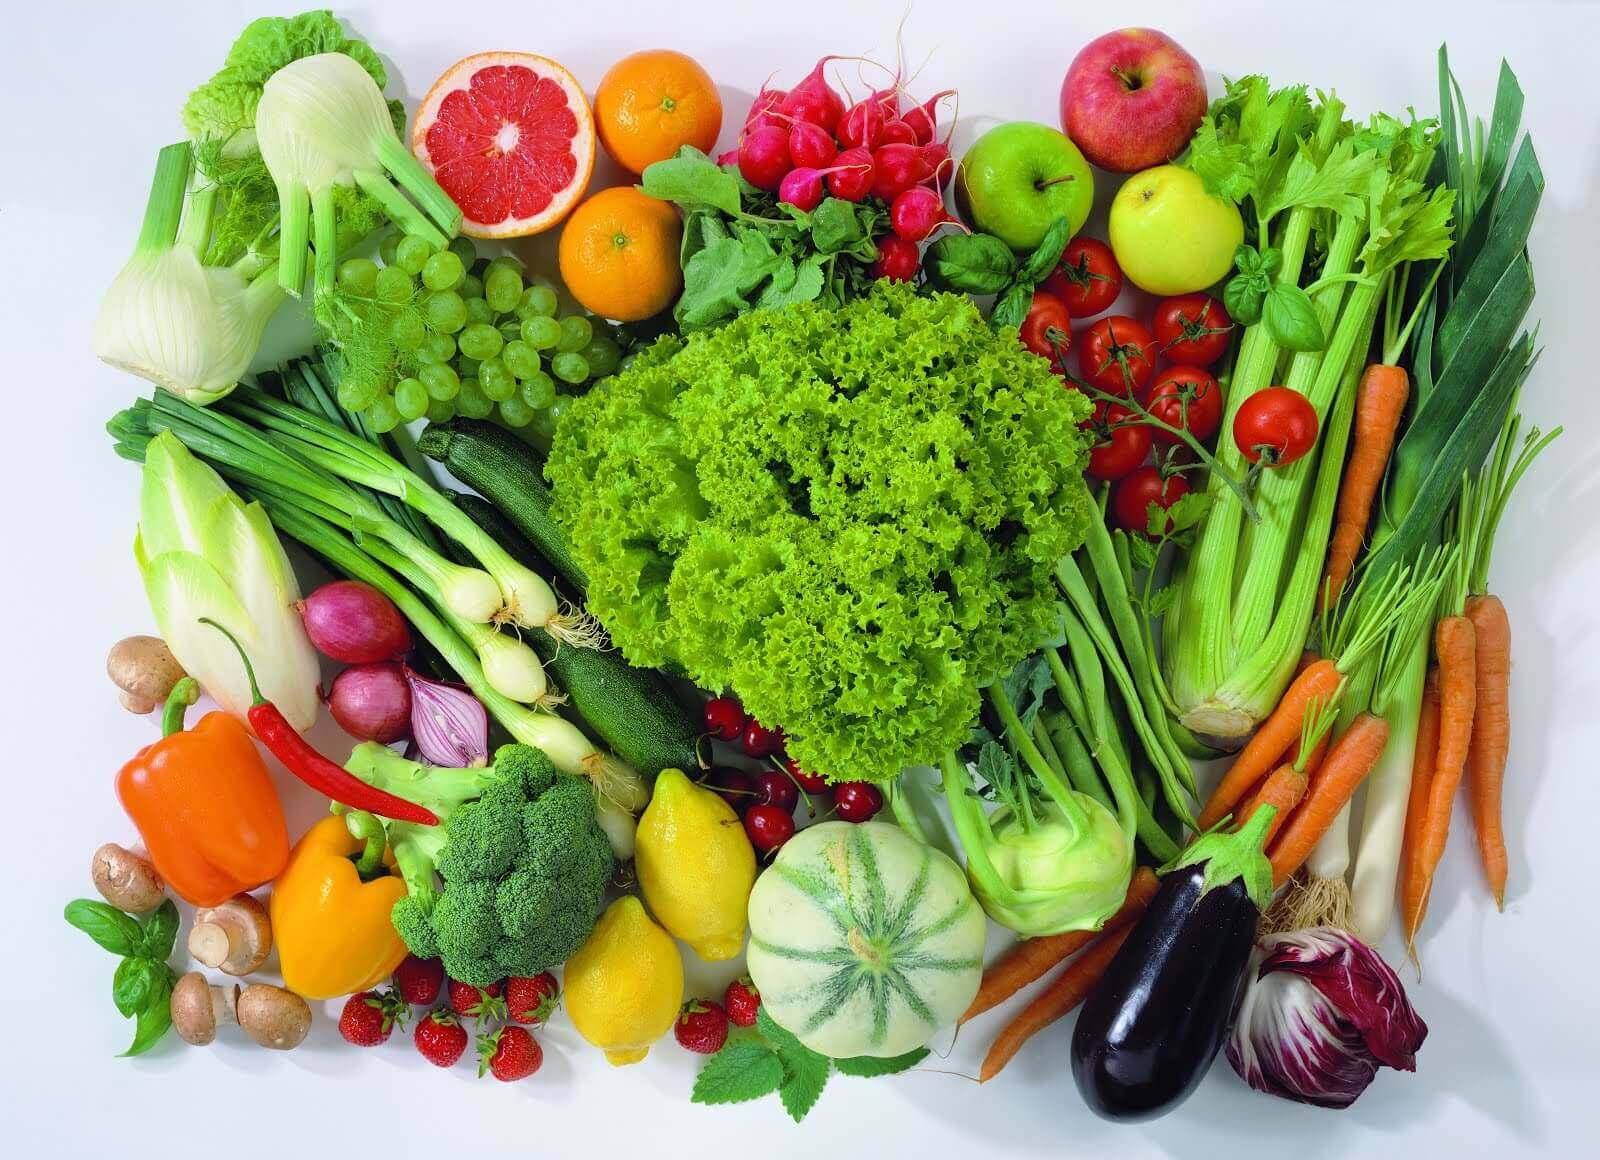 forskellige frugter og grøntsager